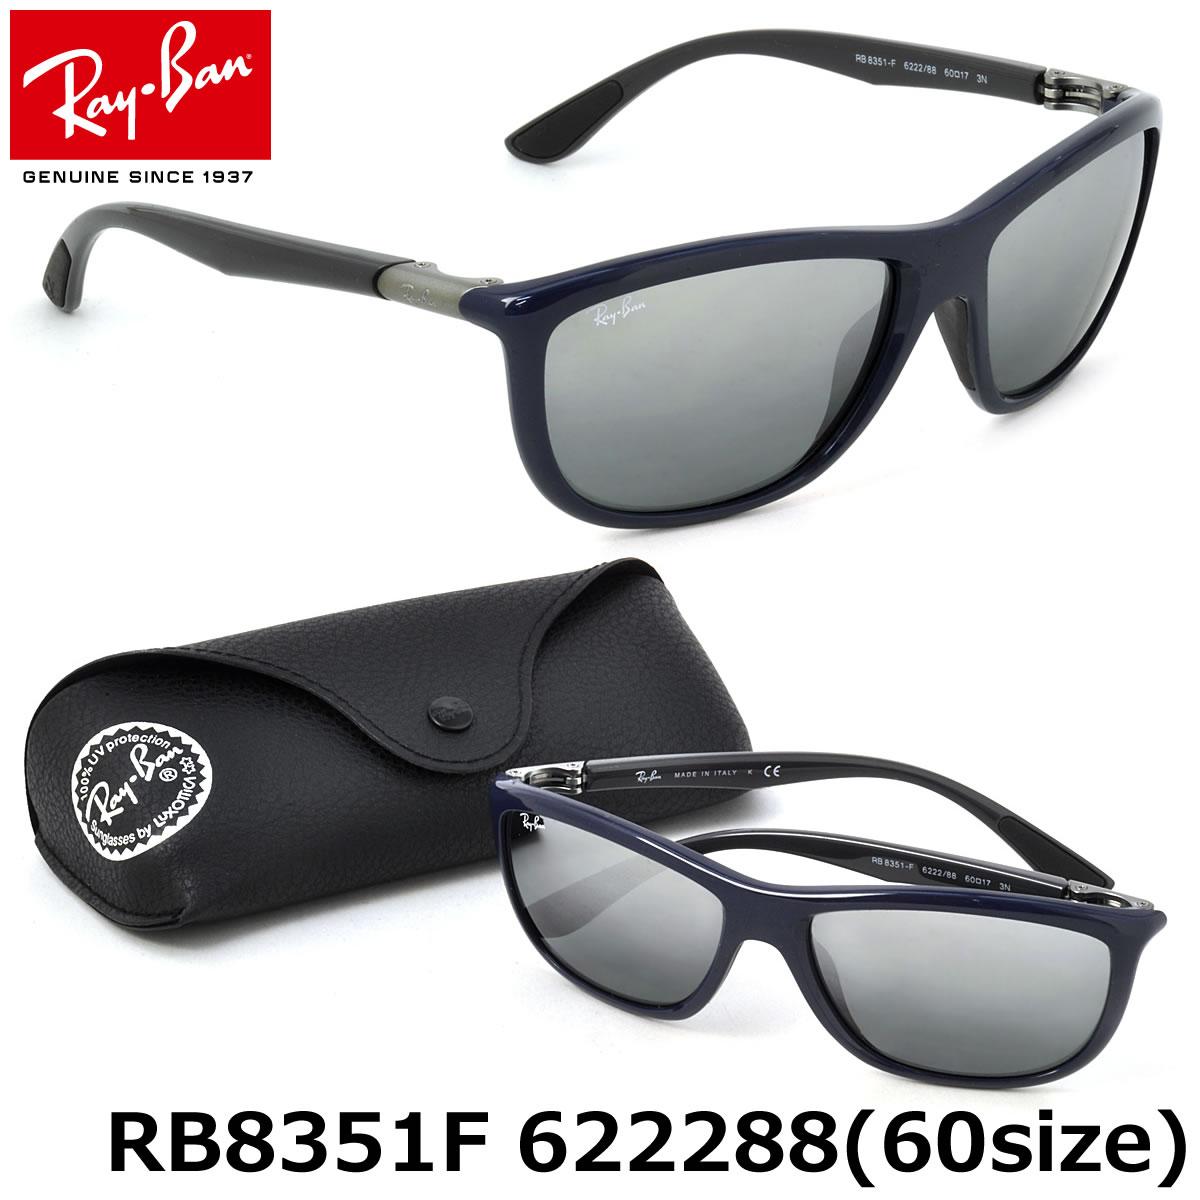 ポイント最大26倍 レイバン サングラス ミラー テック Ray-Ban RB8351F 622288 60サイズレイバン RAYBAN TECH FLASH LENSES GRADIENT 6222/88 ミラー バネ丁番 フルフィット メンズ レディース